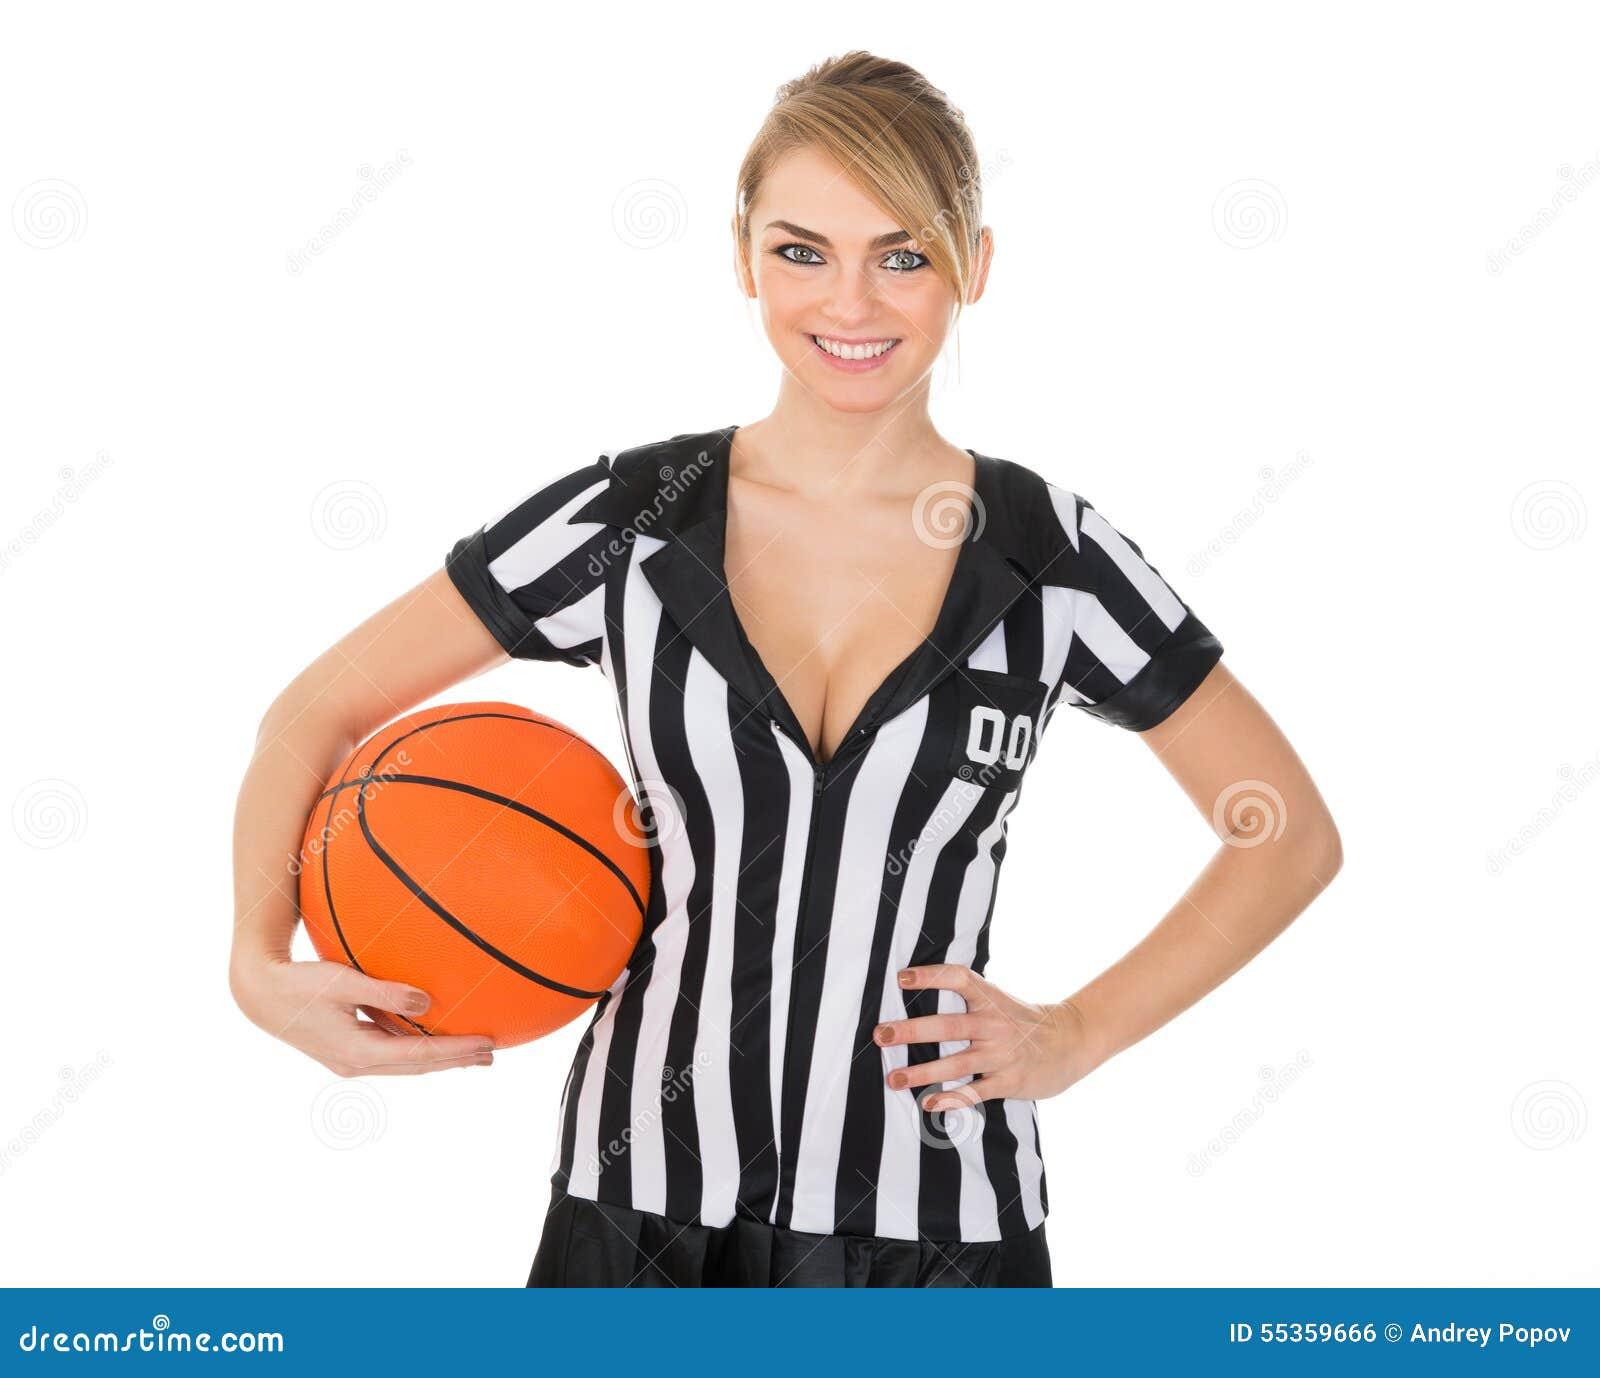 Arbitro con pallacanestro arancio